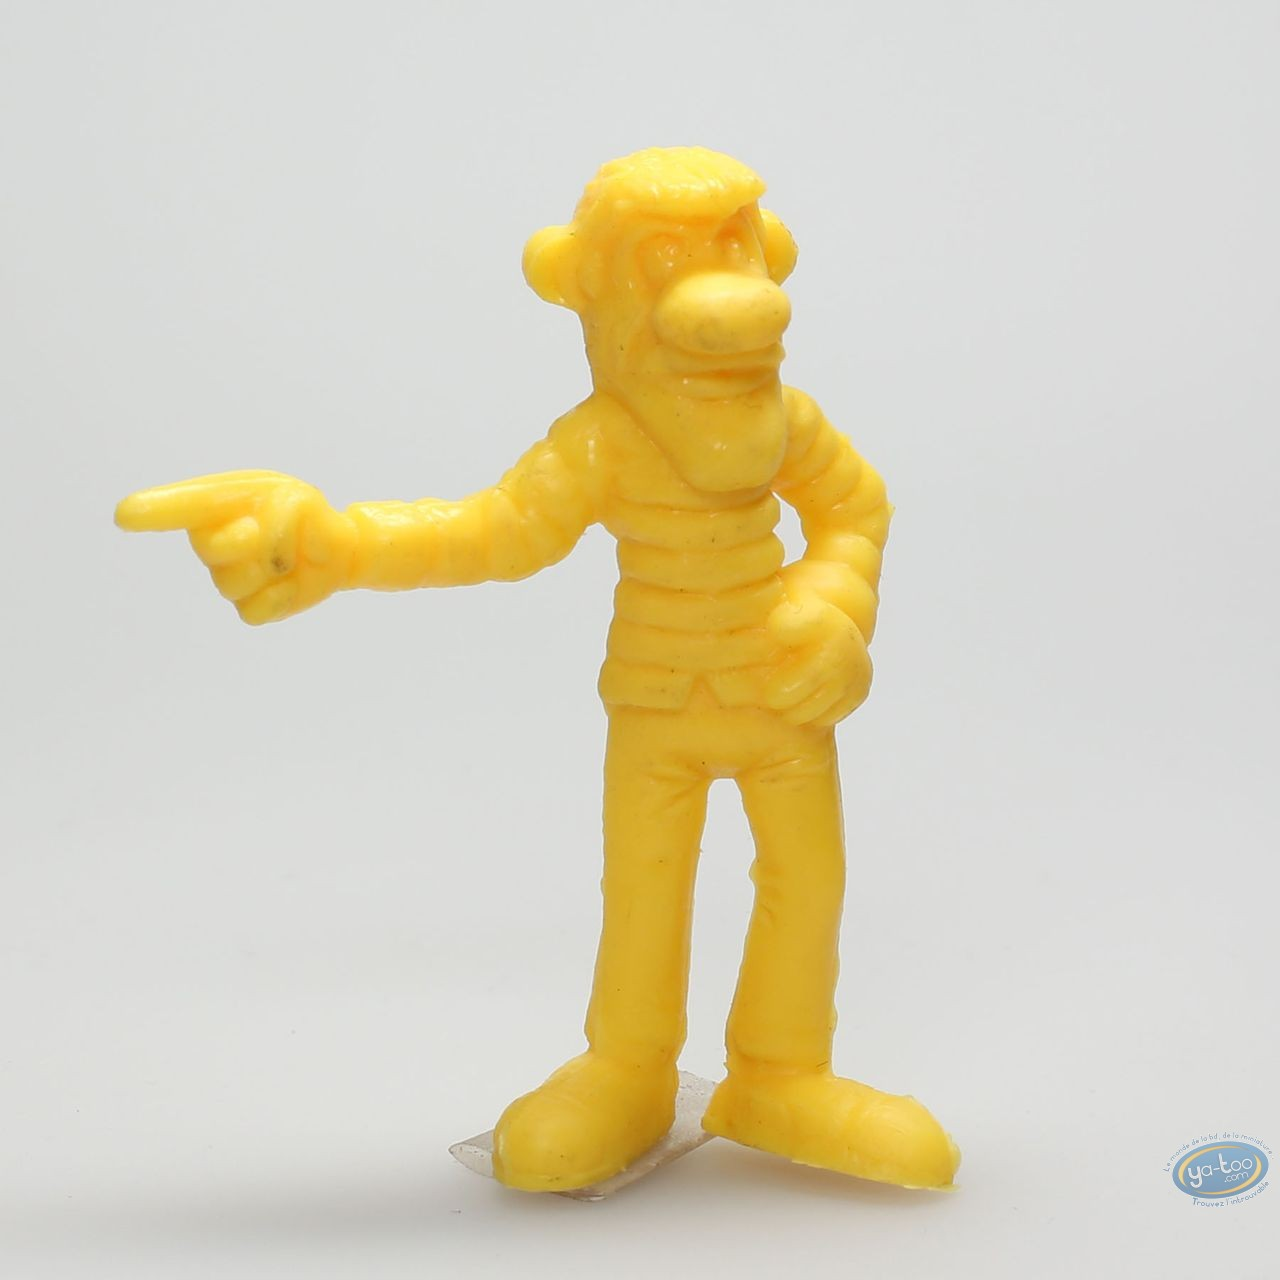 Figurine plastique, Lucky Luke : William Dalton doigt pointé (jaune)